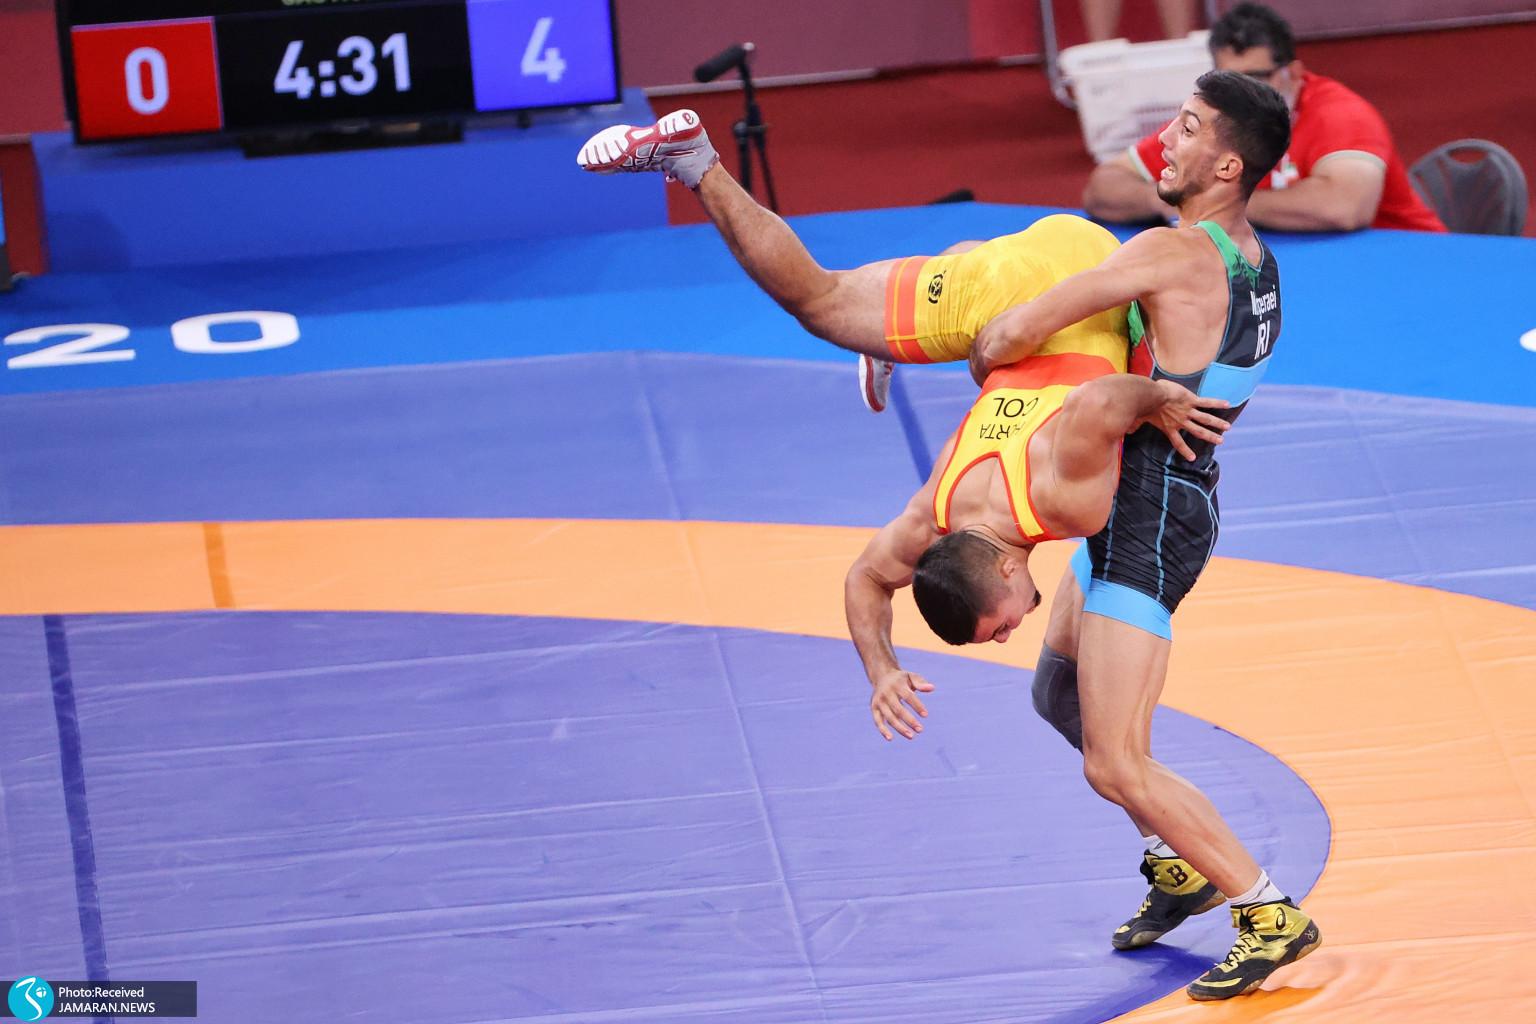 محمدرضا گرایی کشتی فرنگی المپیک